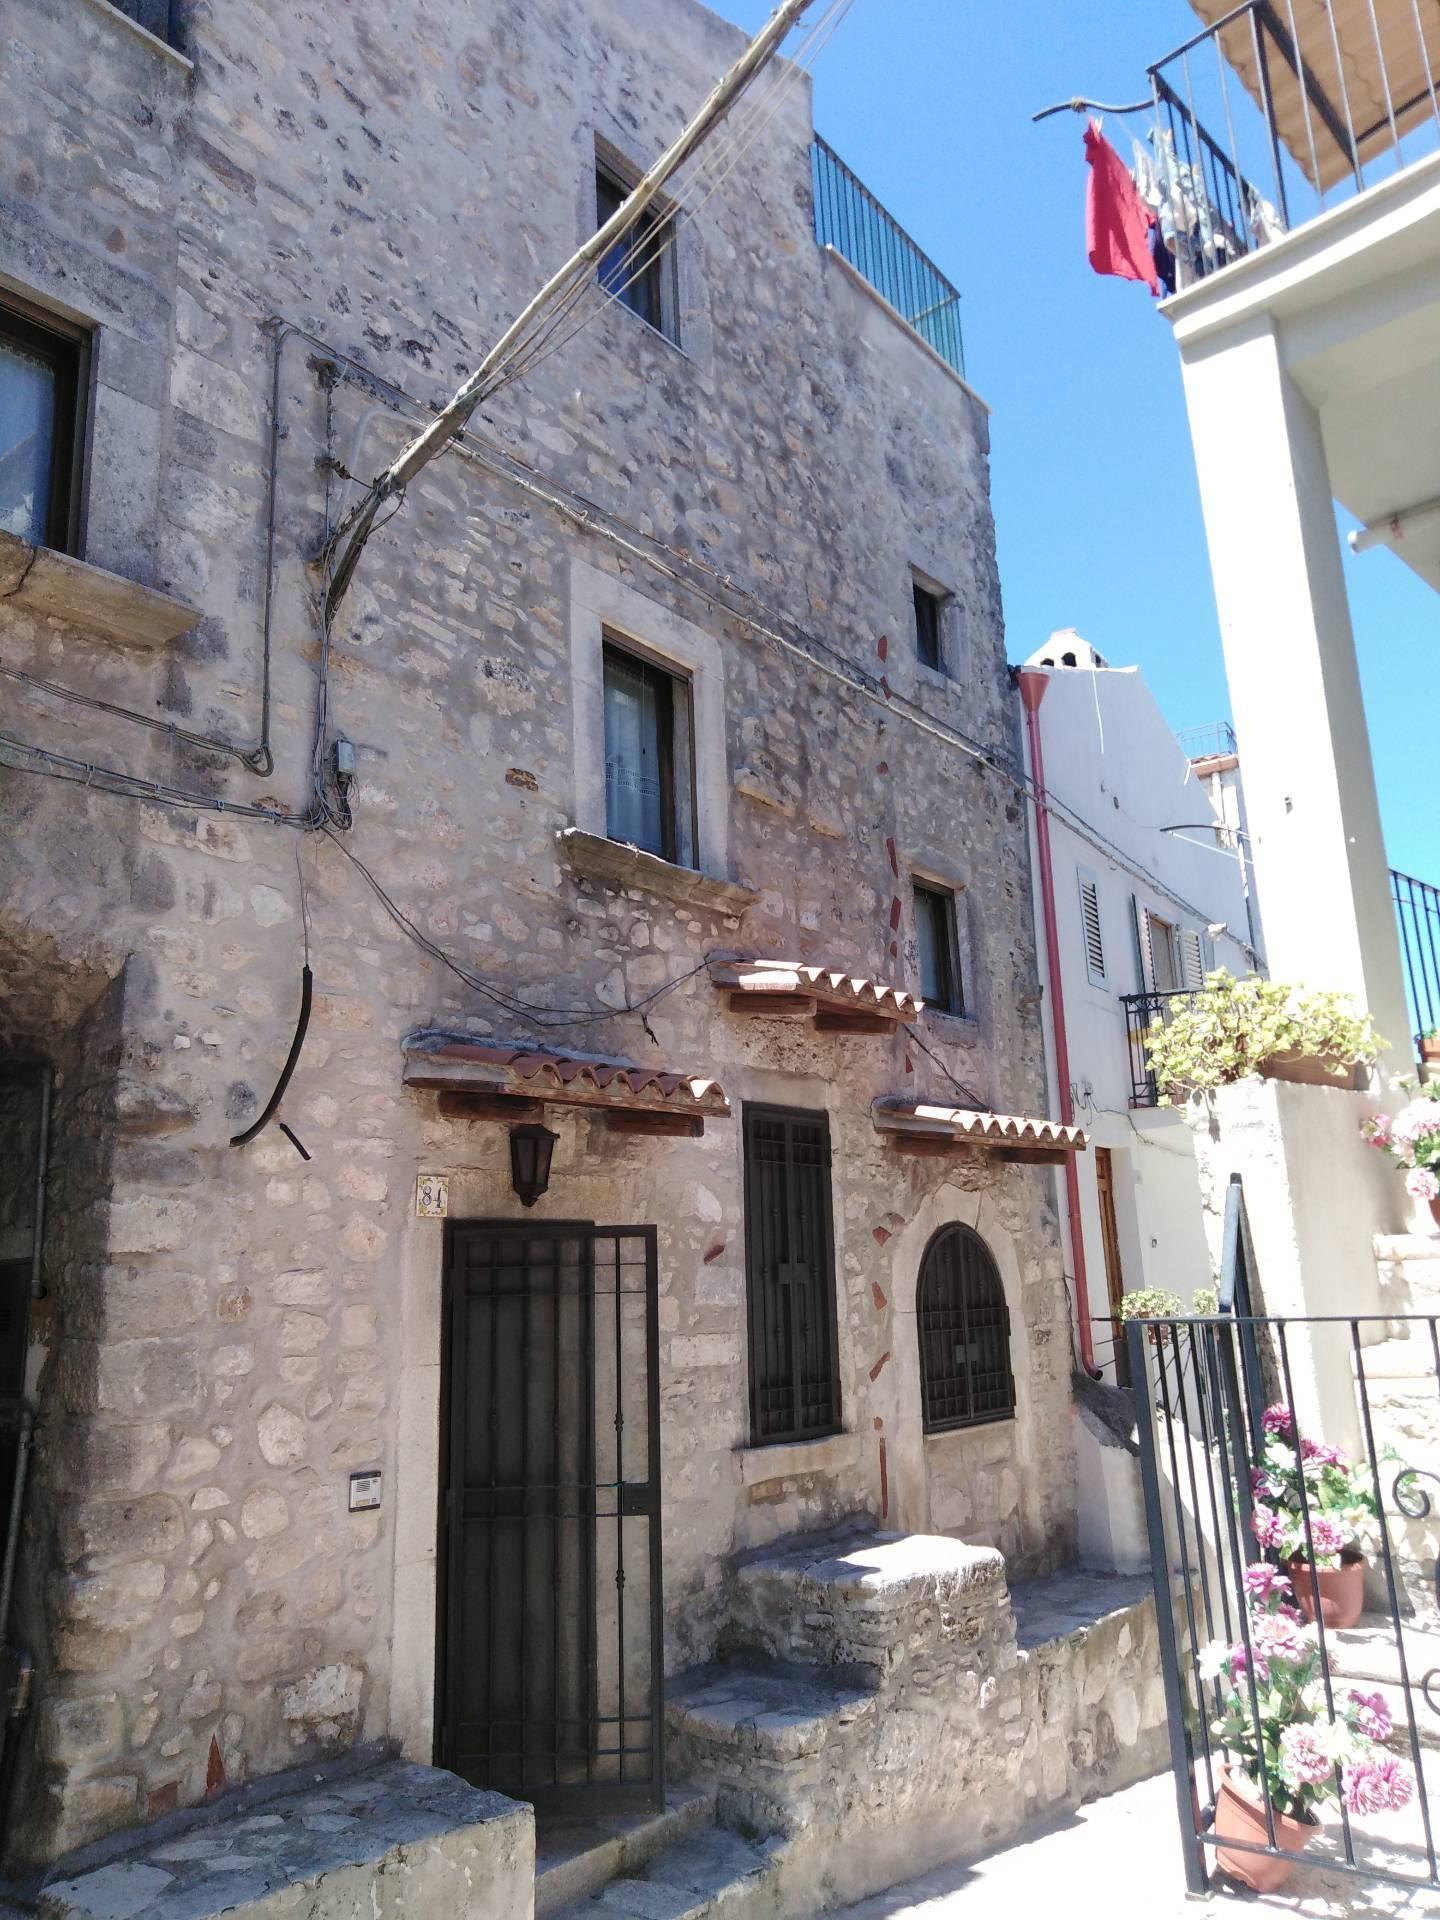 Appartamento in vendita a Vico del Gargano, 9 locali, zona Località: CentroStorico, prezzo € 150.000 | PortaleAgenzieImmobiliari.it